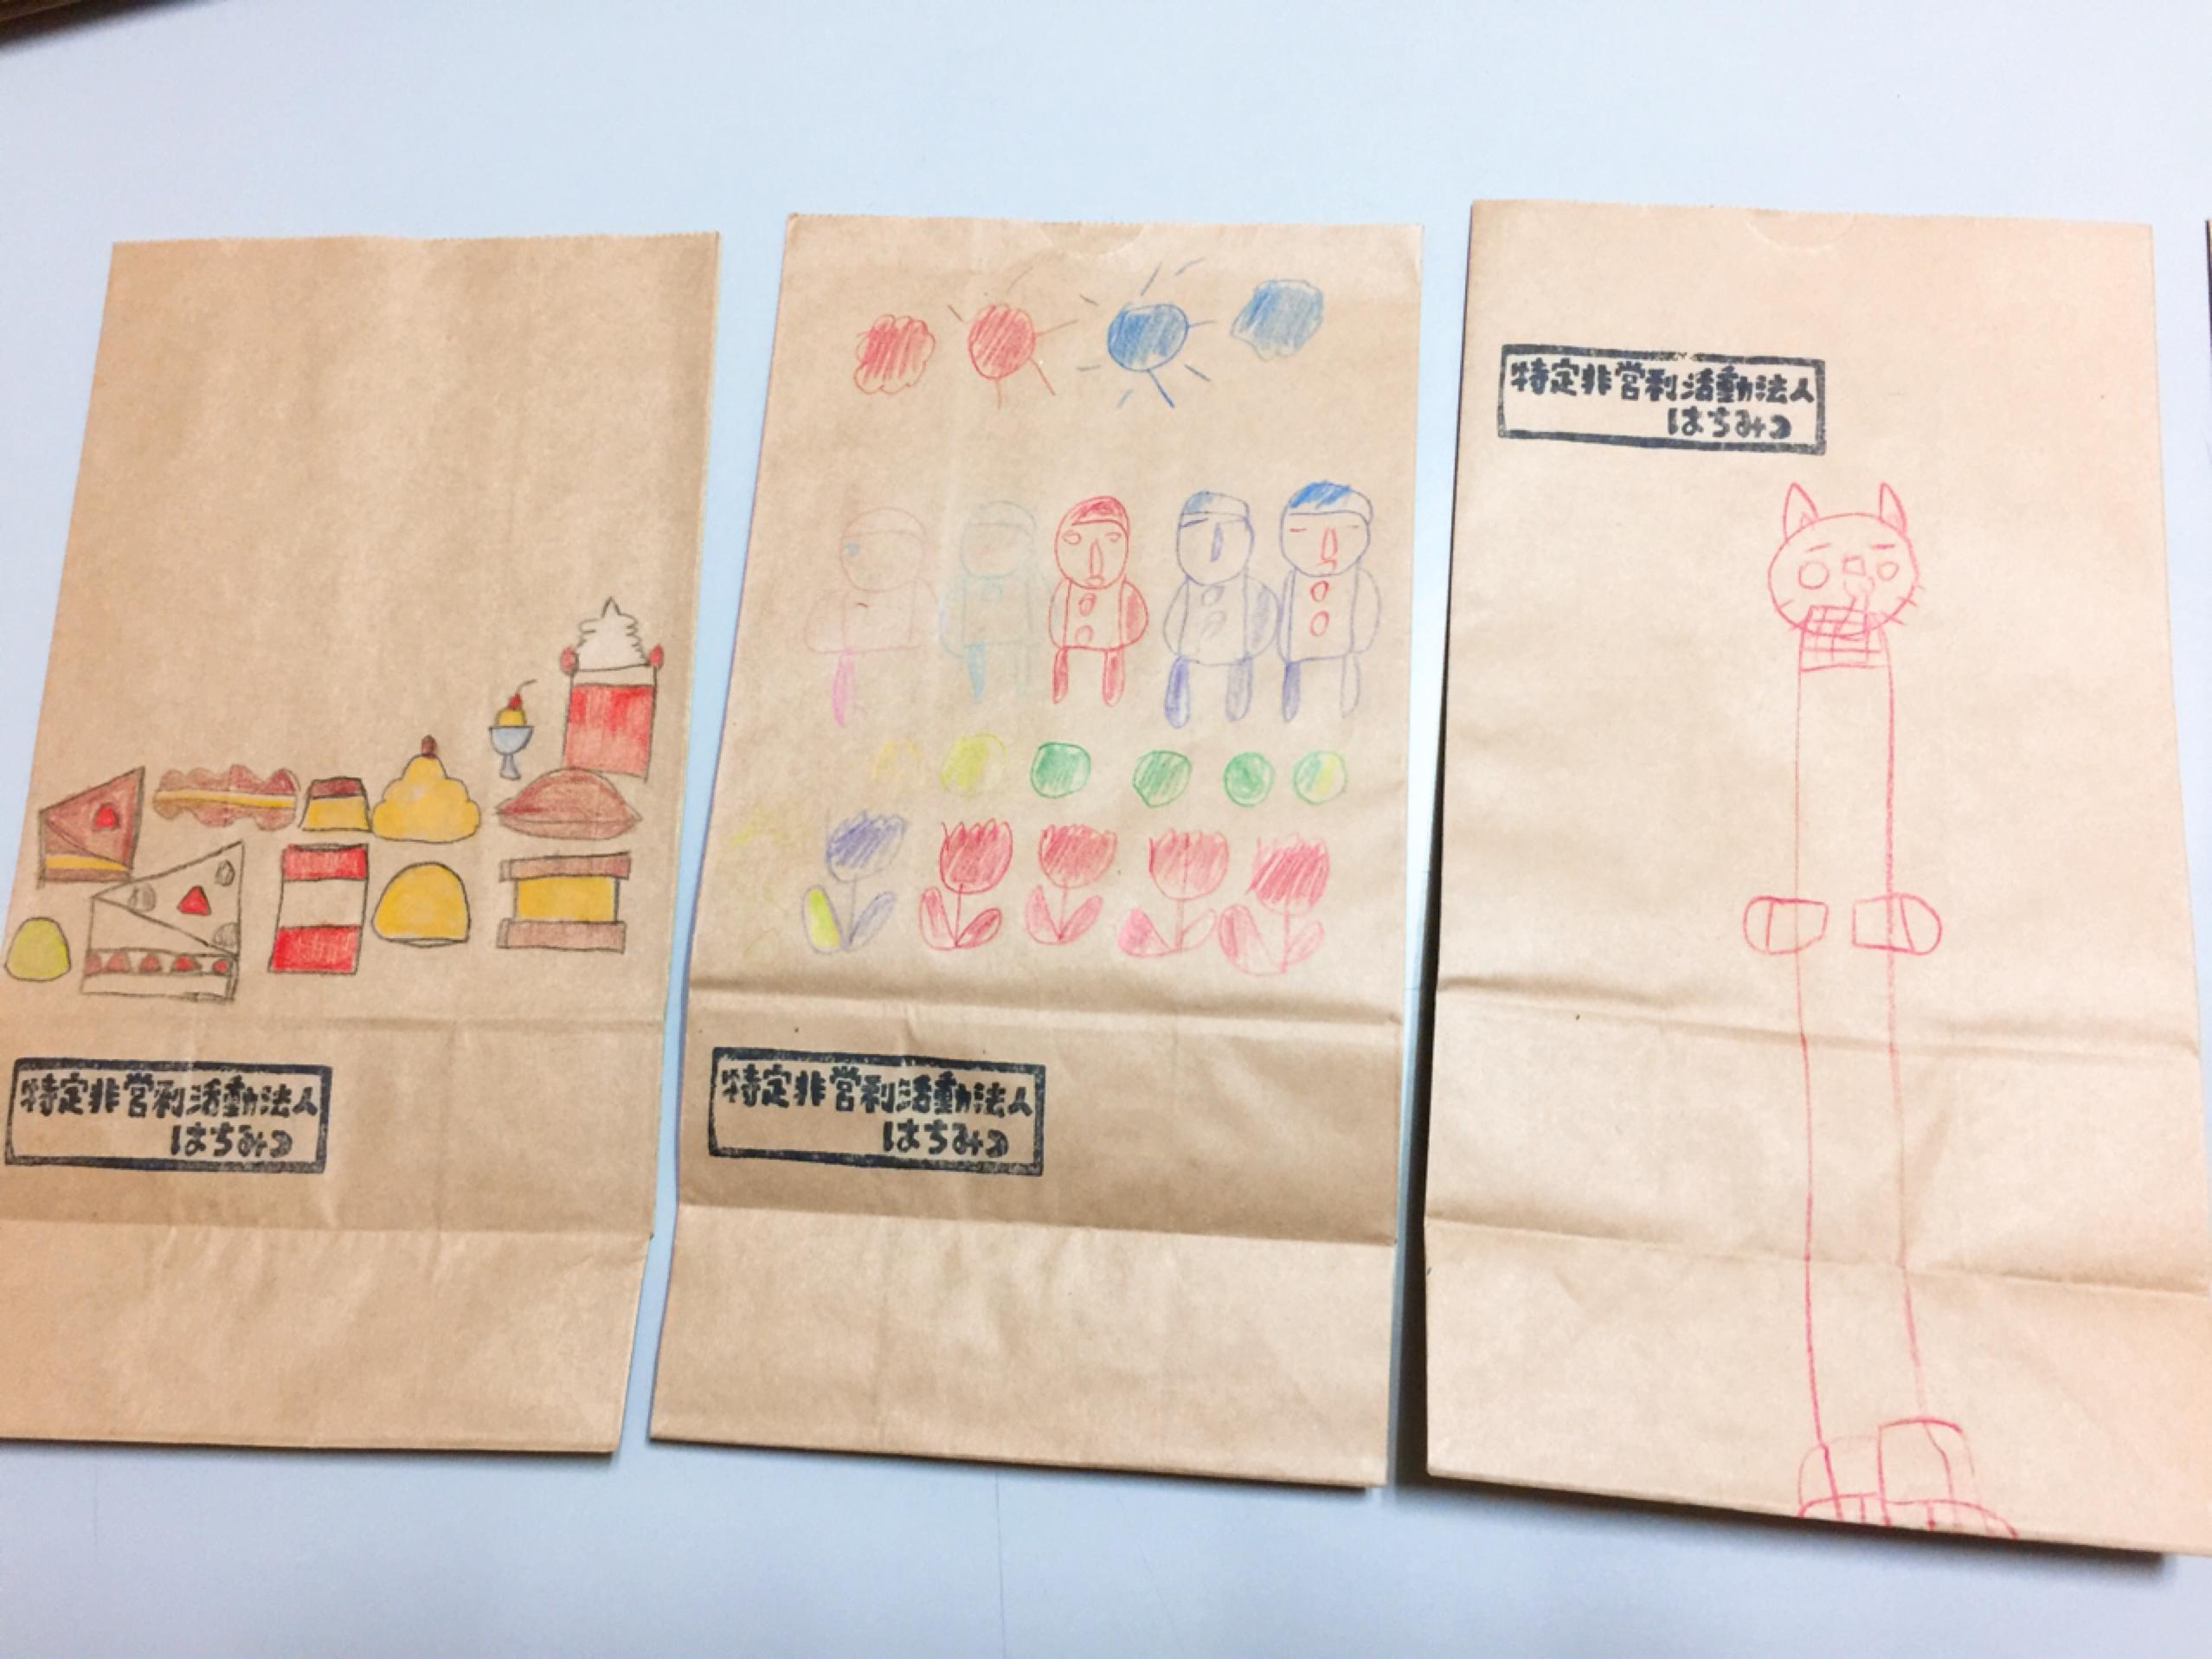 素敵な紙袋